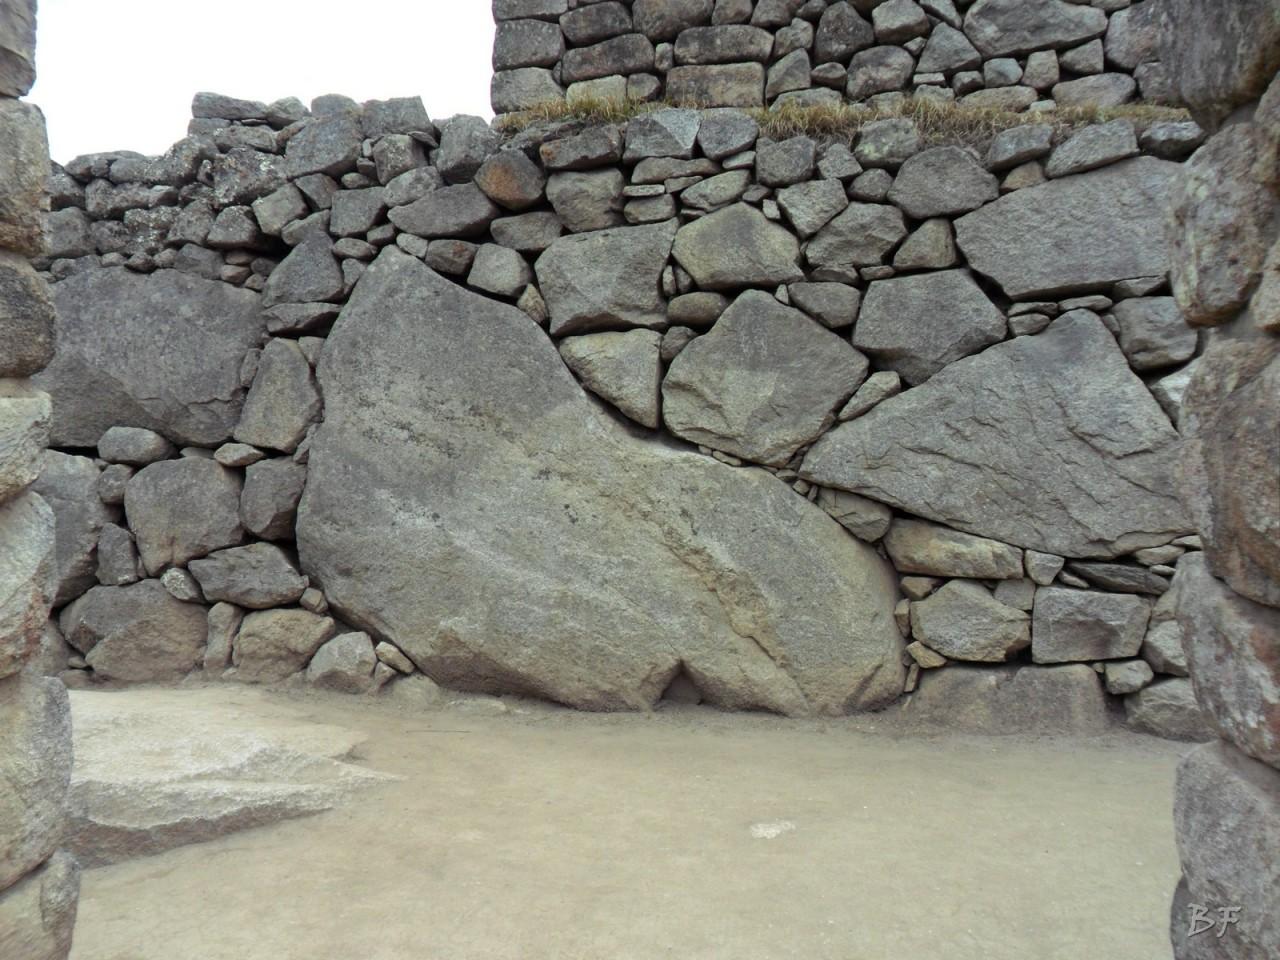 Mura-Poligonali-Incisioni-Altari-Edifici-Rupestri-Megaliti-Machu-Picchu-Aguas-Calientes-Urubamba-Cusco-Perù-81